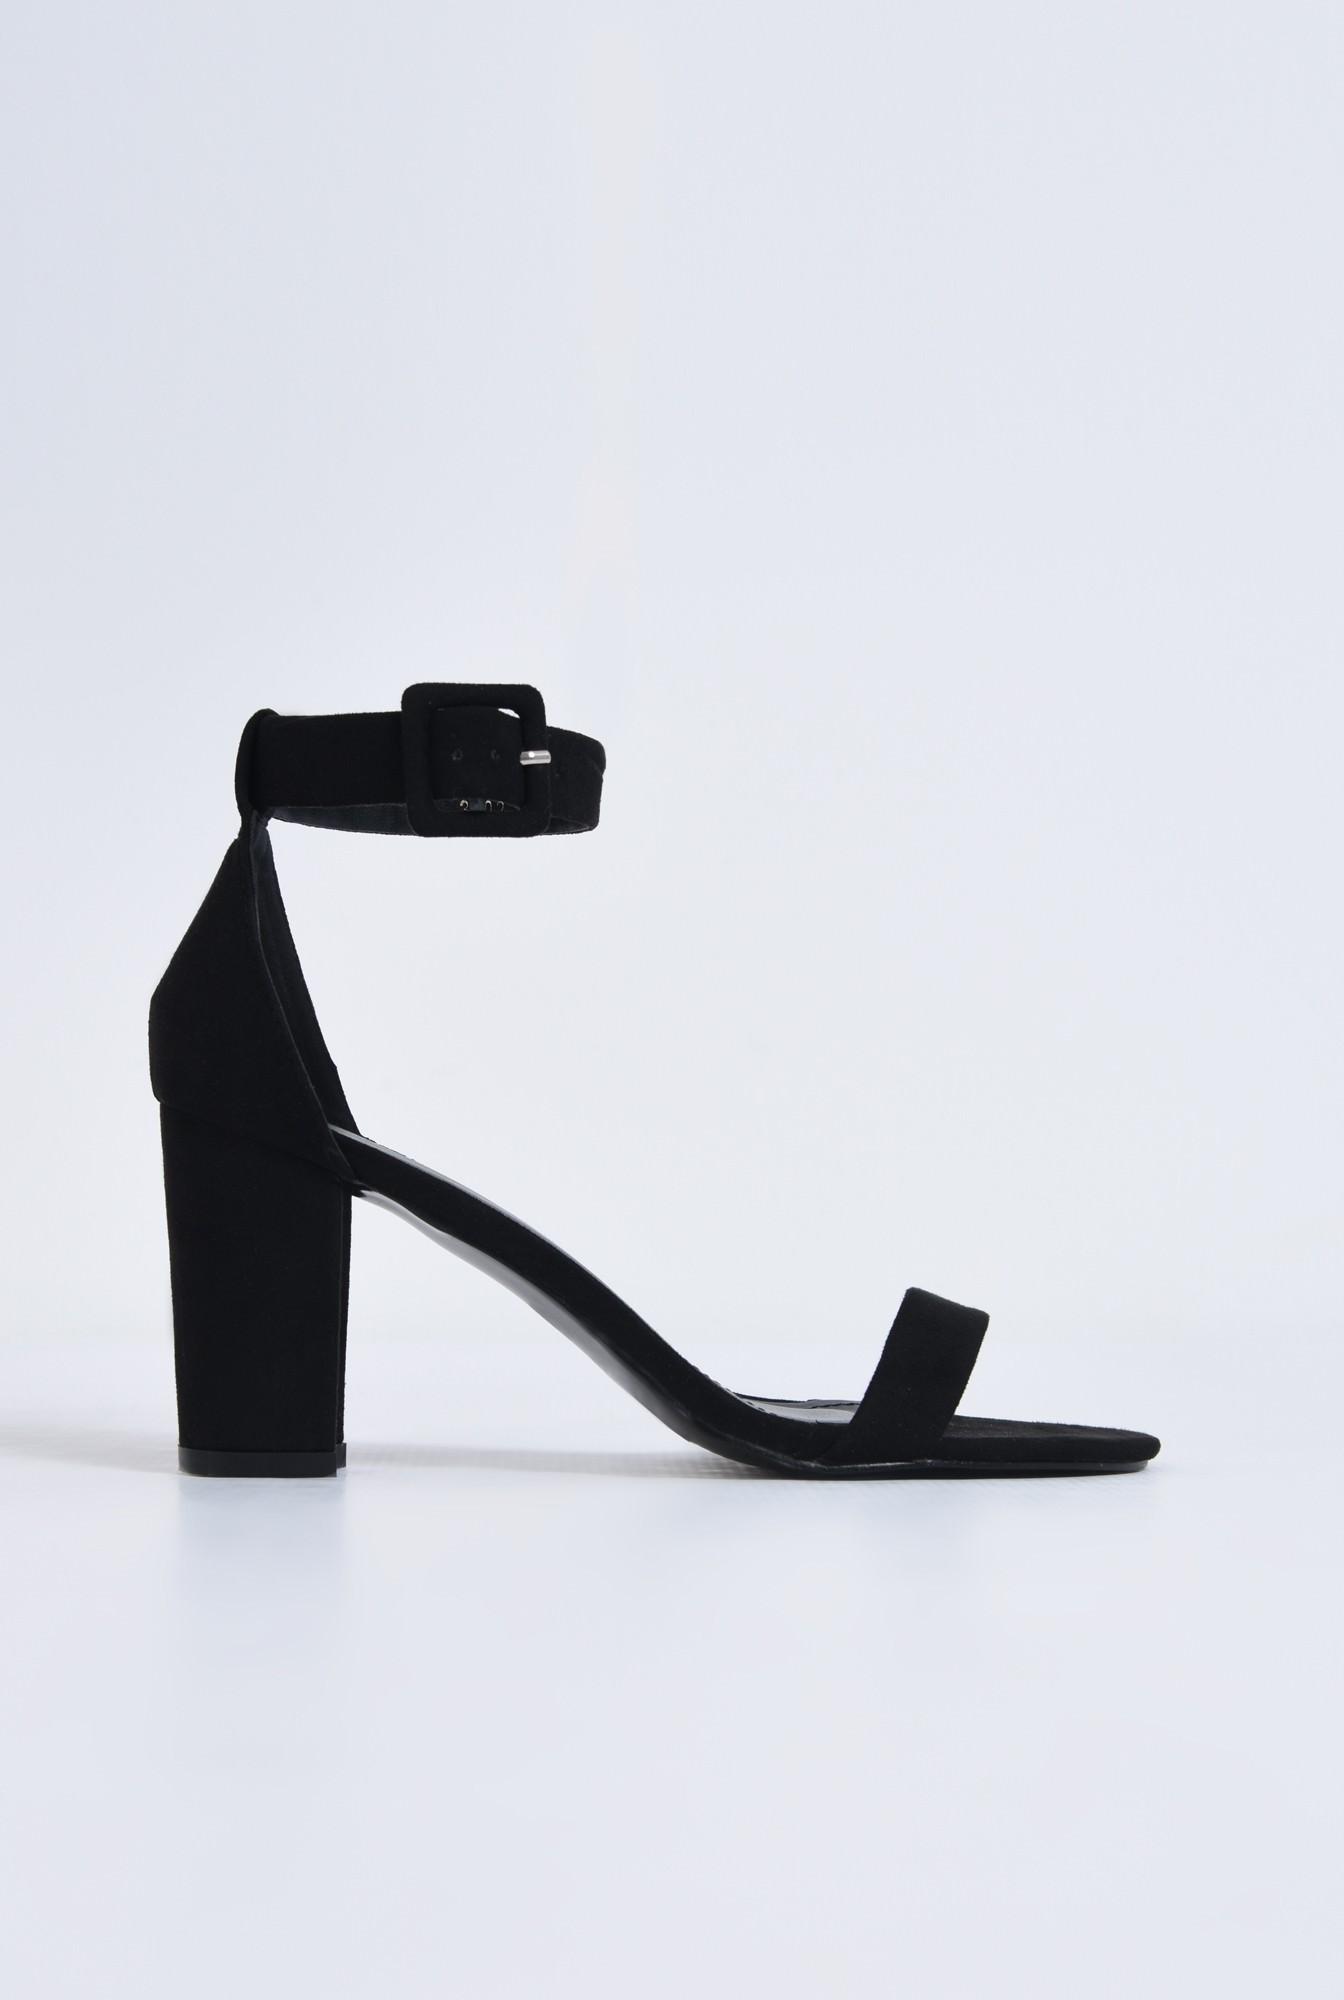 0 - sandale dama, piele ecologica